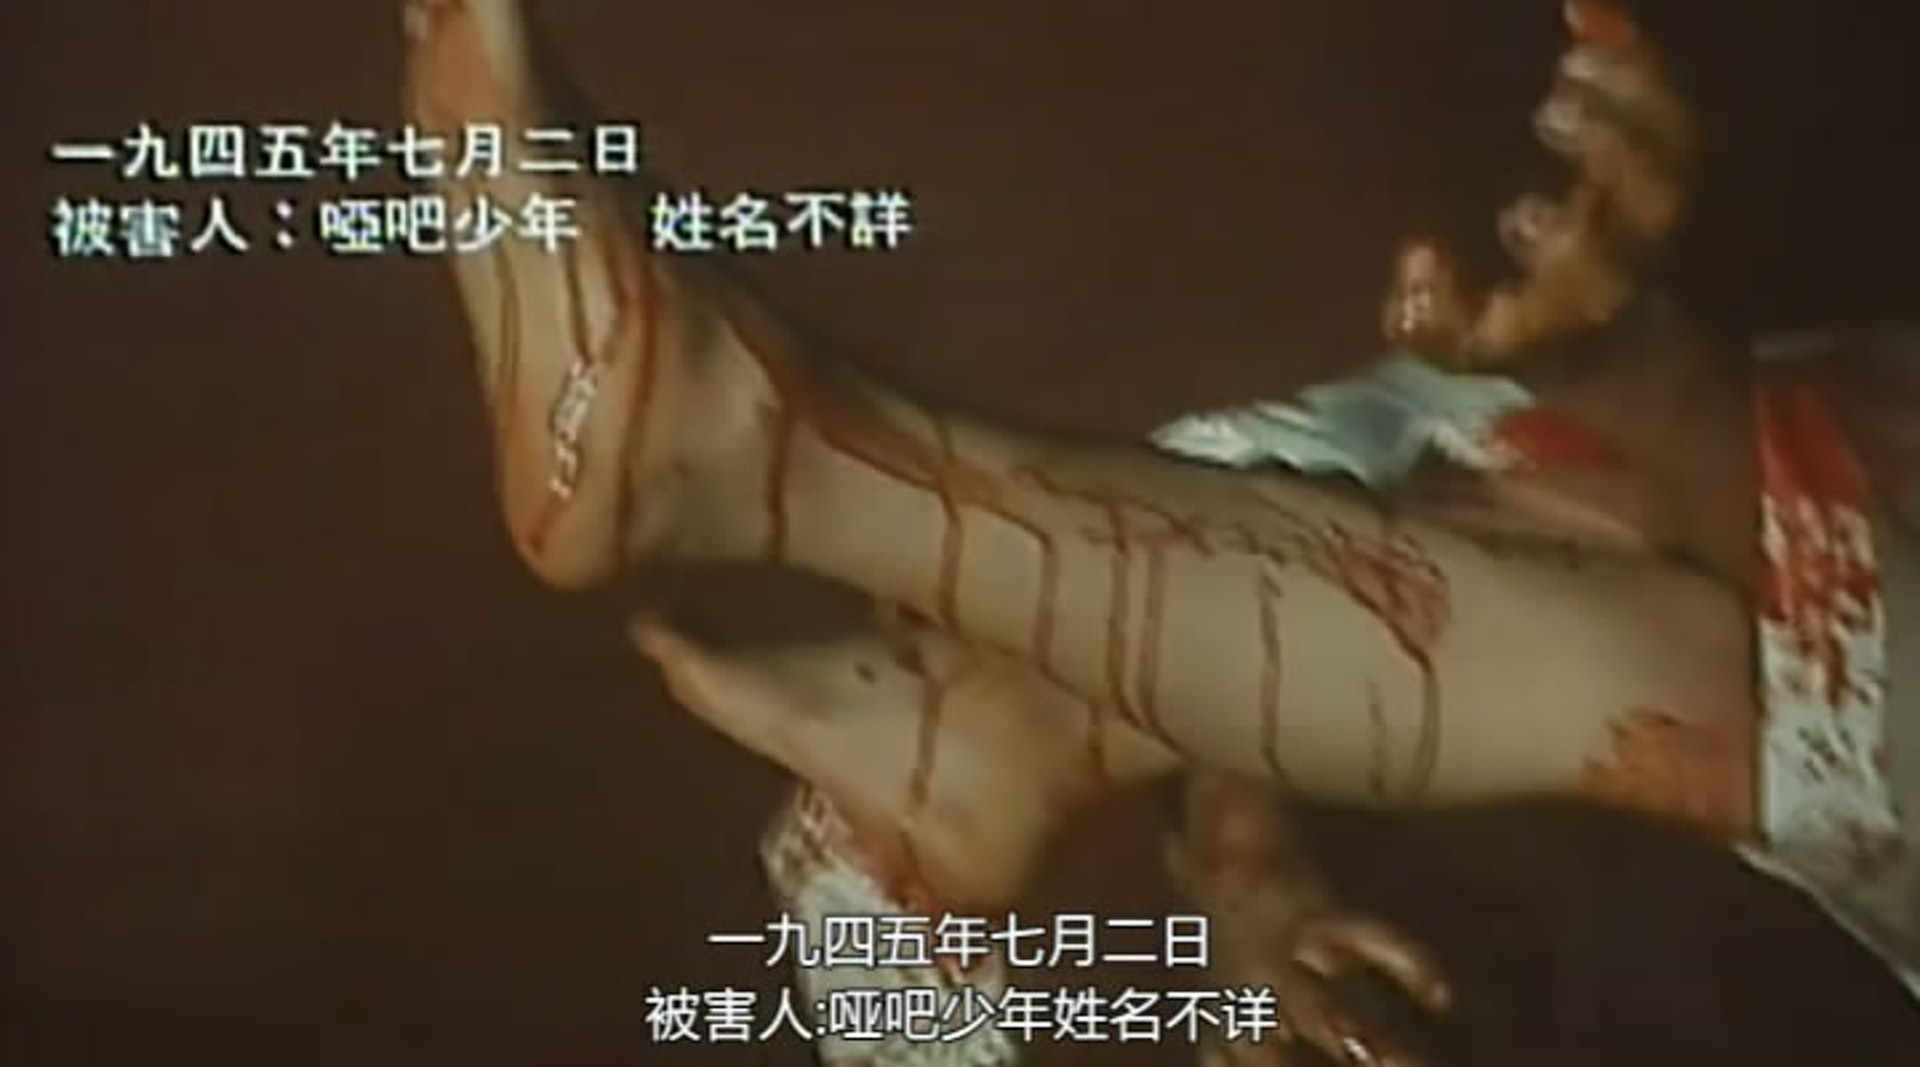 《黑太陽731》有大量殘虐人體的畫面,用上真實死屍拍攝。(影片截圖)